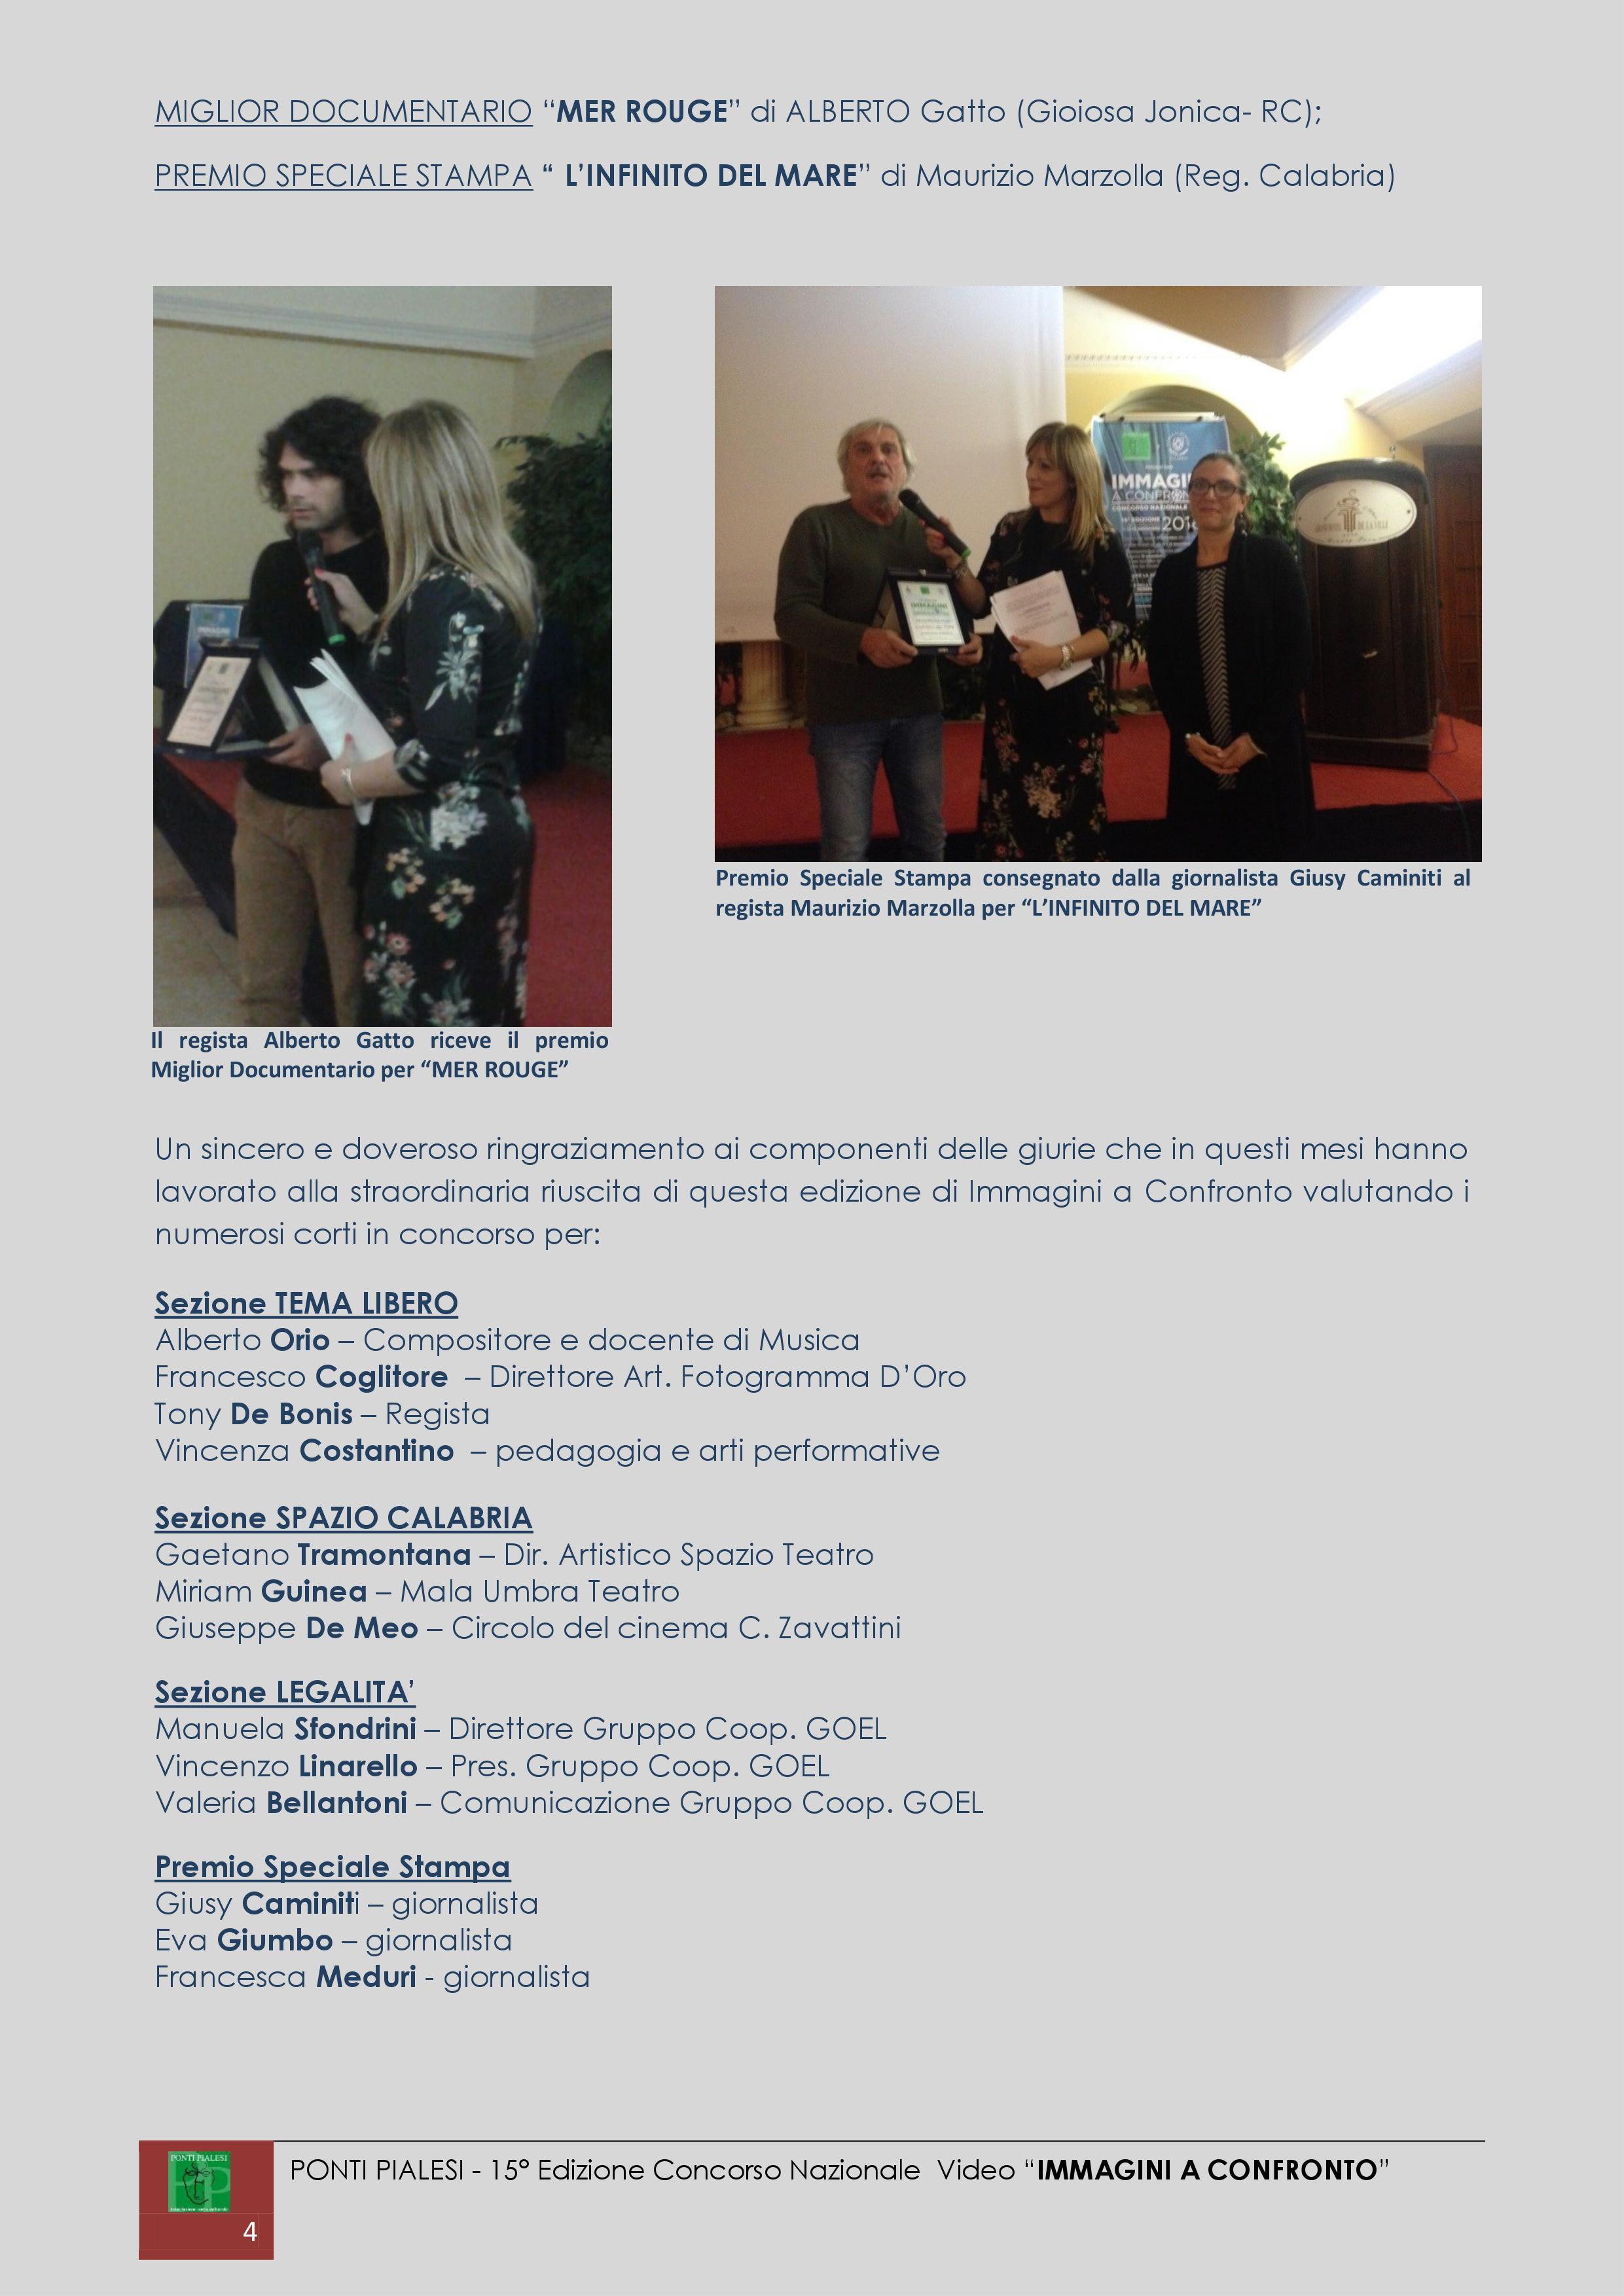 IMMAGINI A CONFRONTO 2016 - 15a Edizione - Resoconto finale (4)